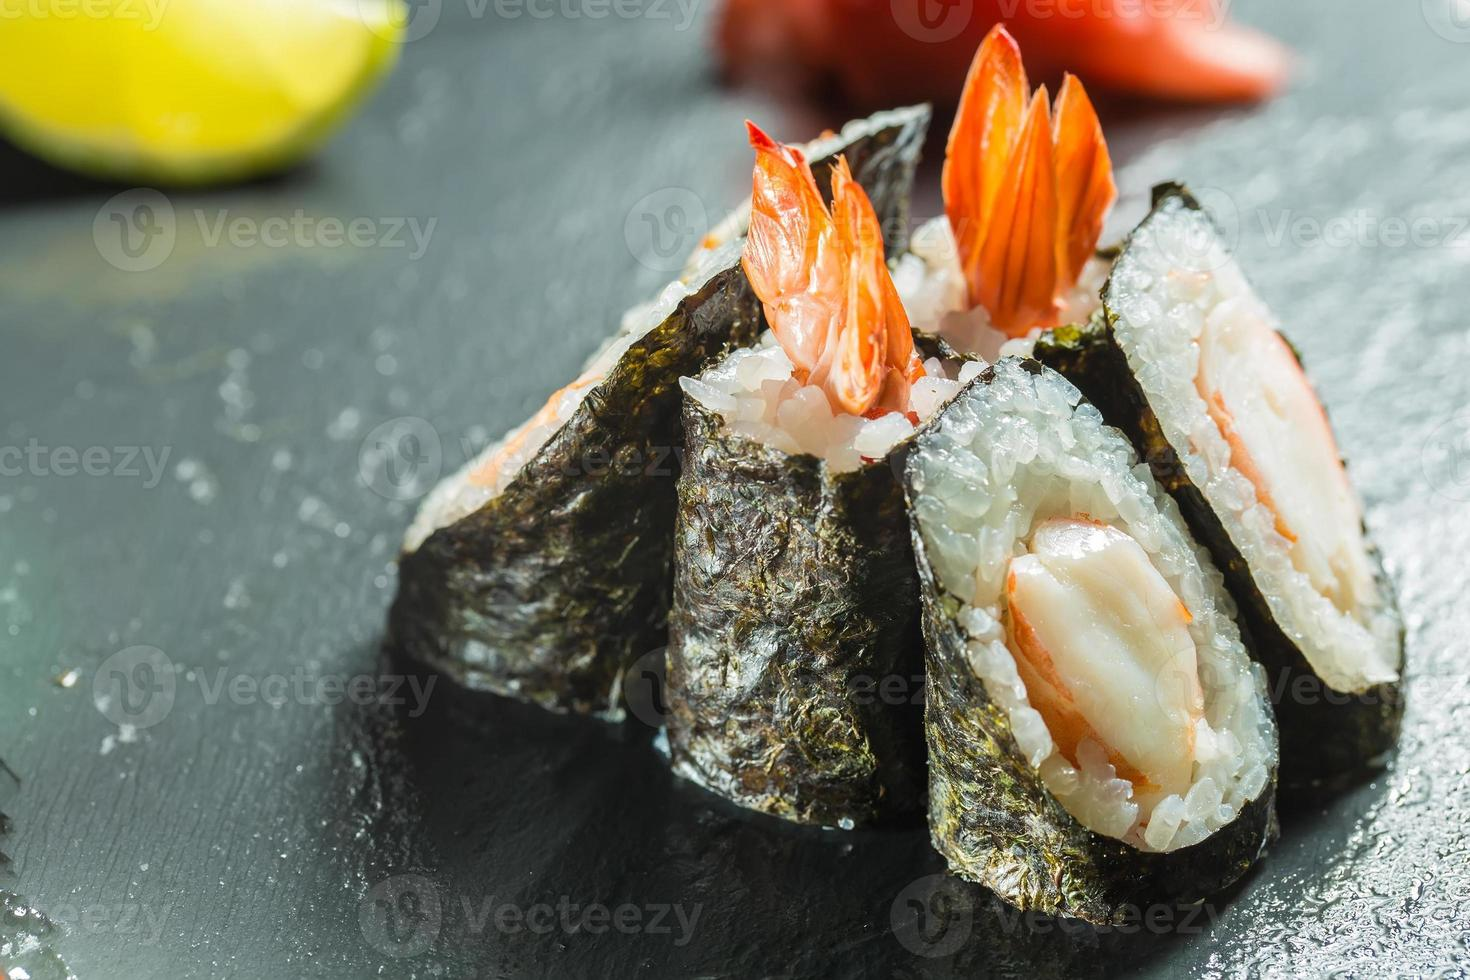 rola com camarão no preto foto